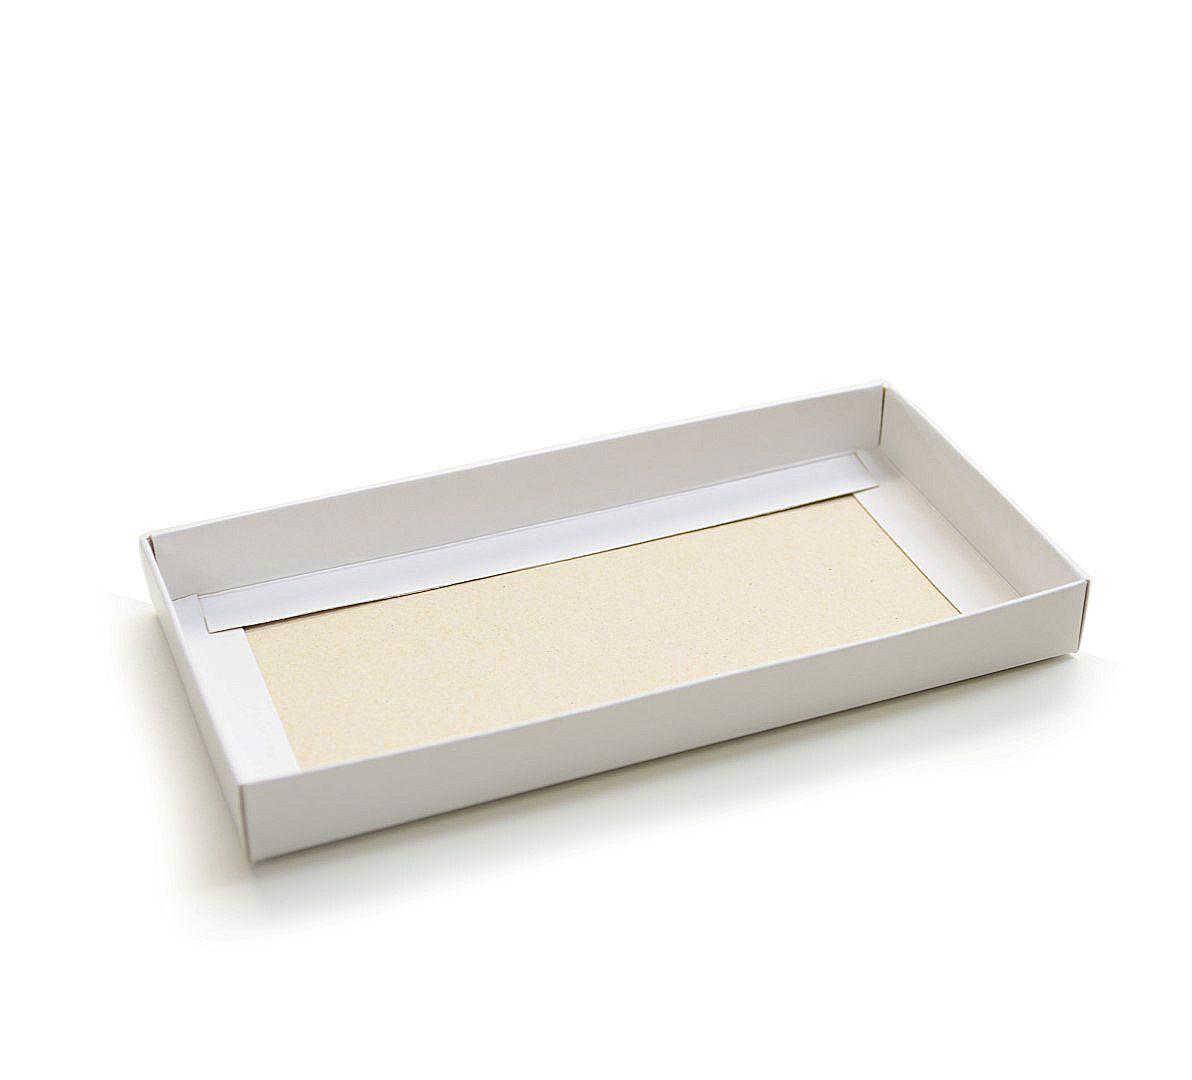 F021 - Fundo - 16x8x1,7 cm - Branca